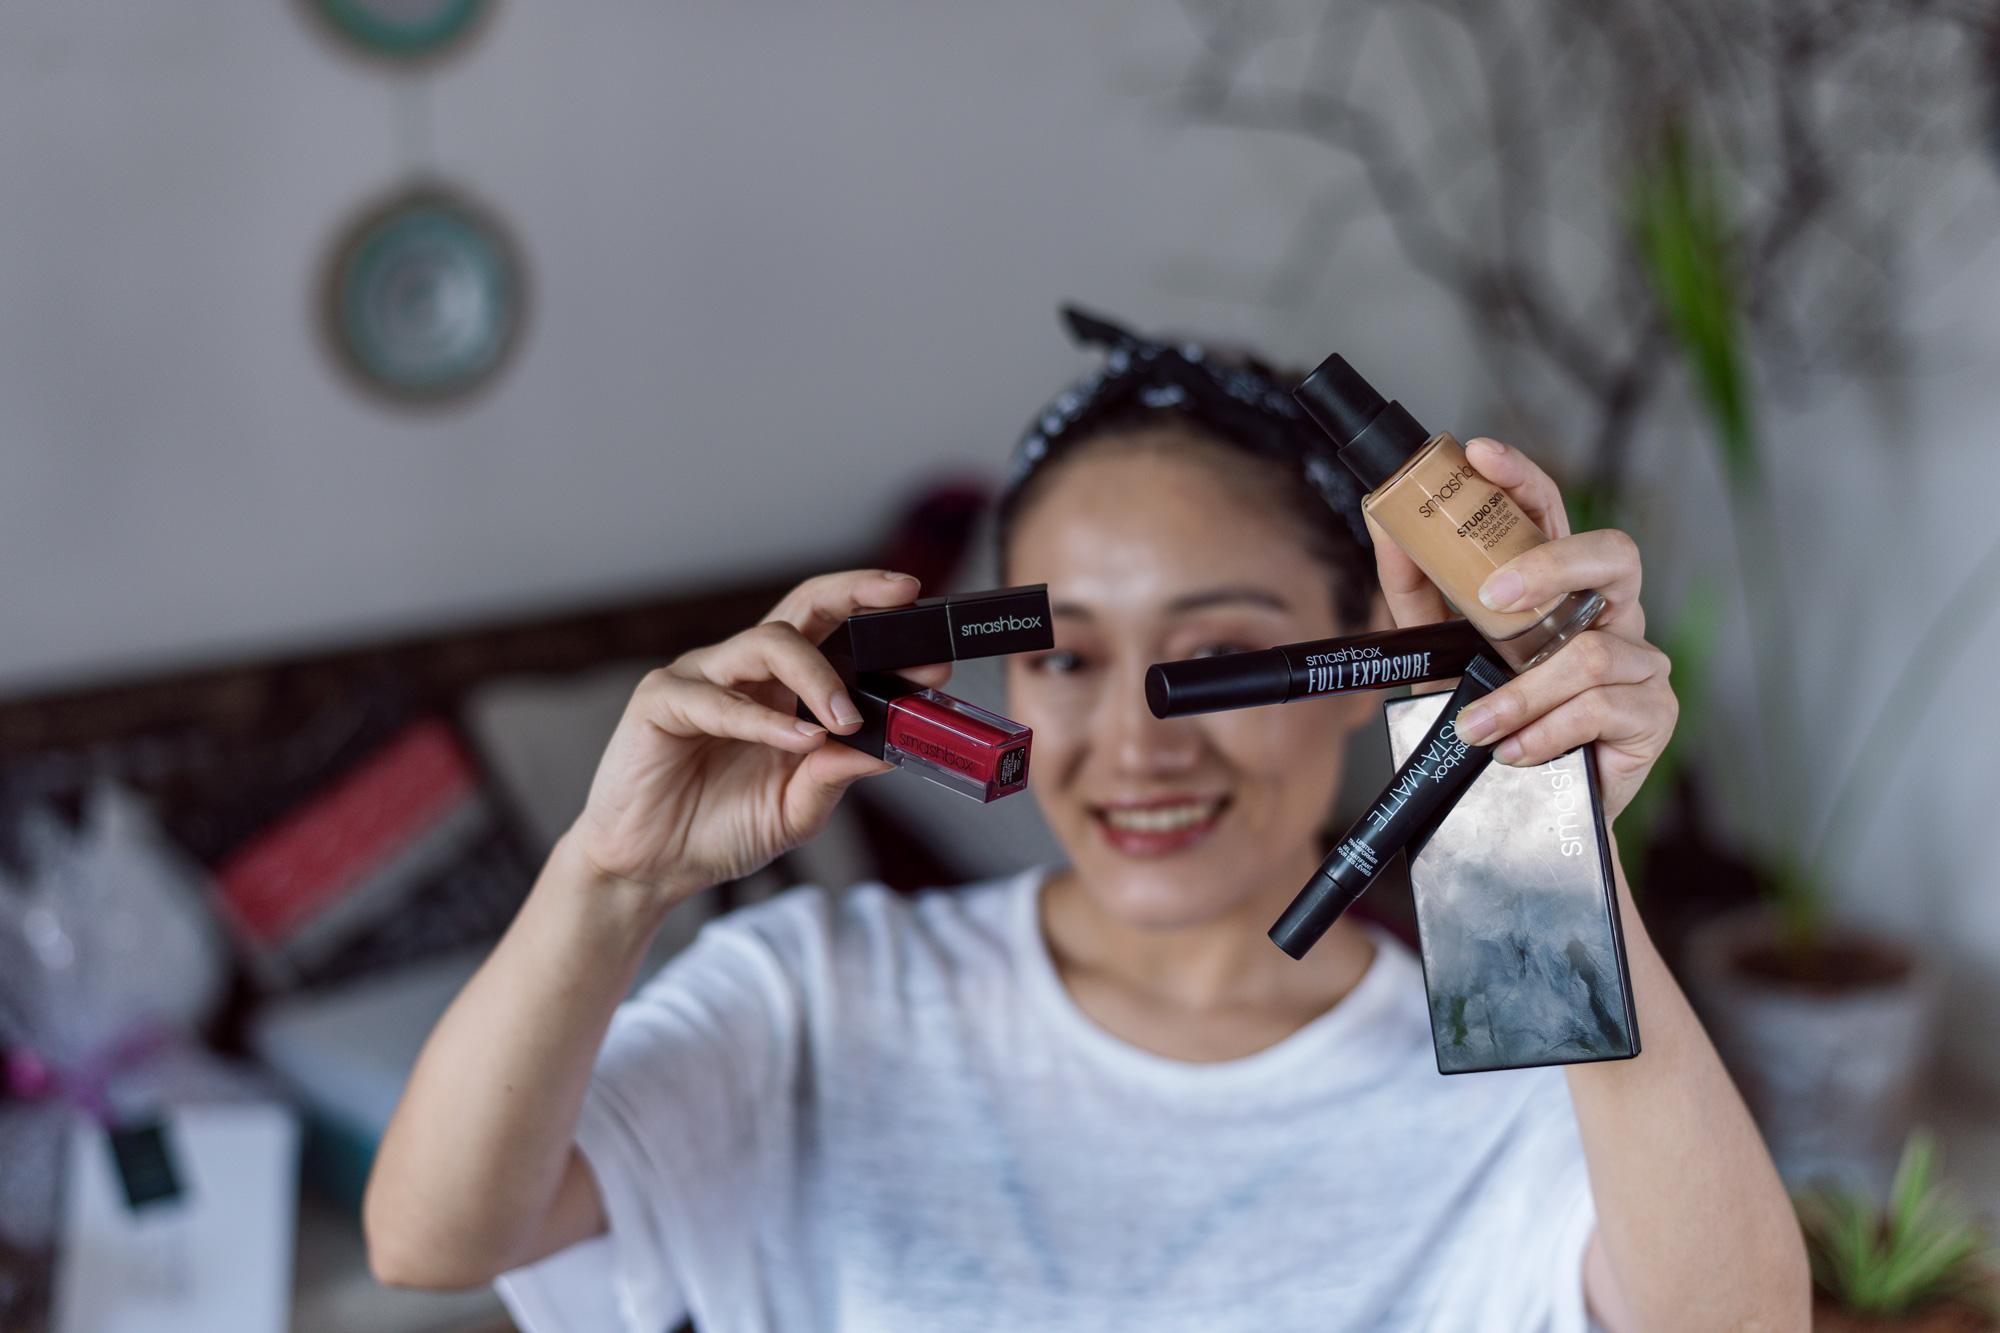 Aien-Jamir-Morning- SkinCare-My-Go-To-MakeUp-4